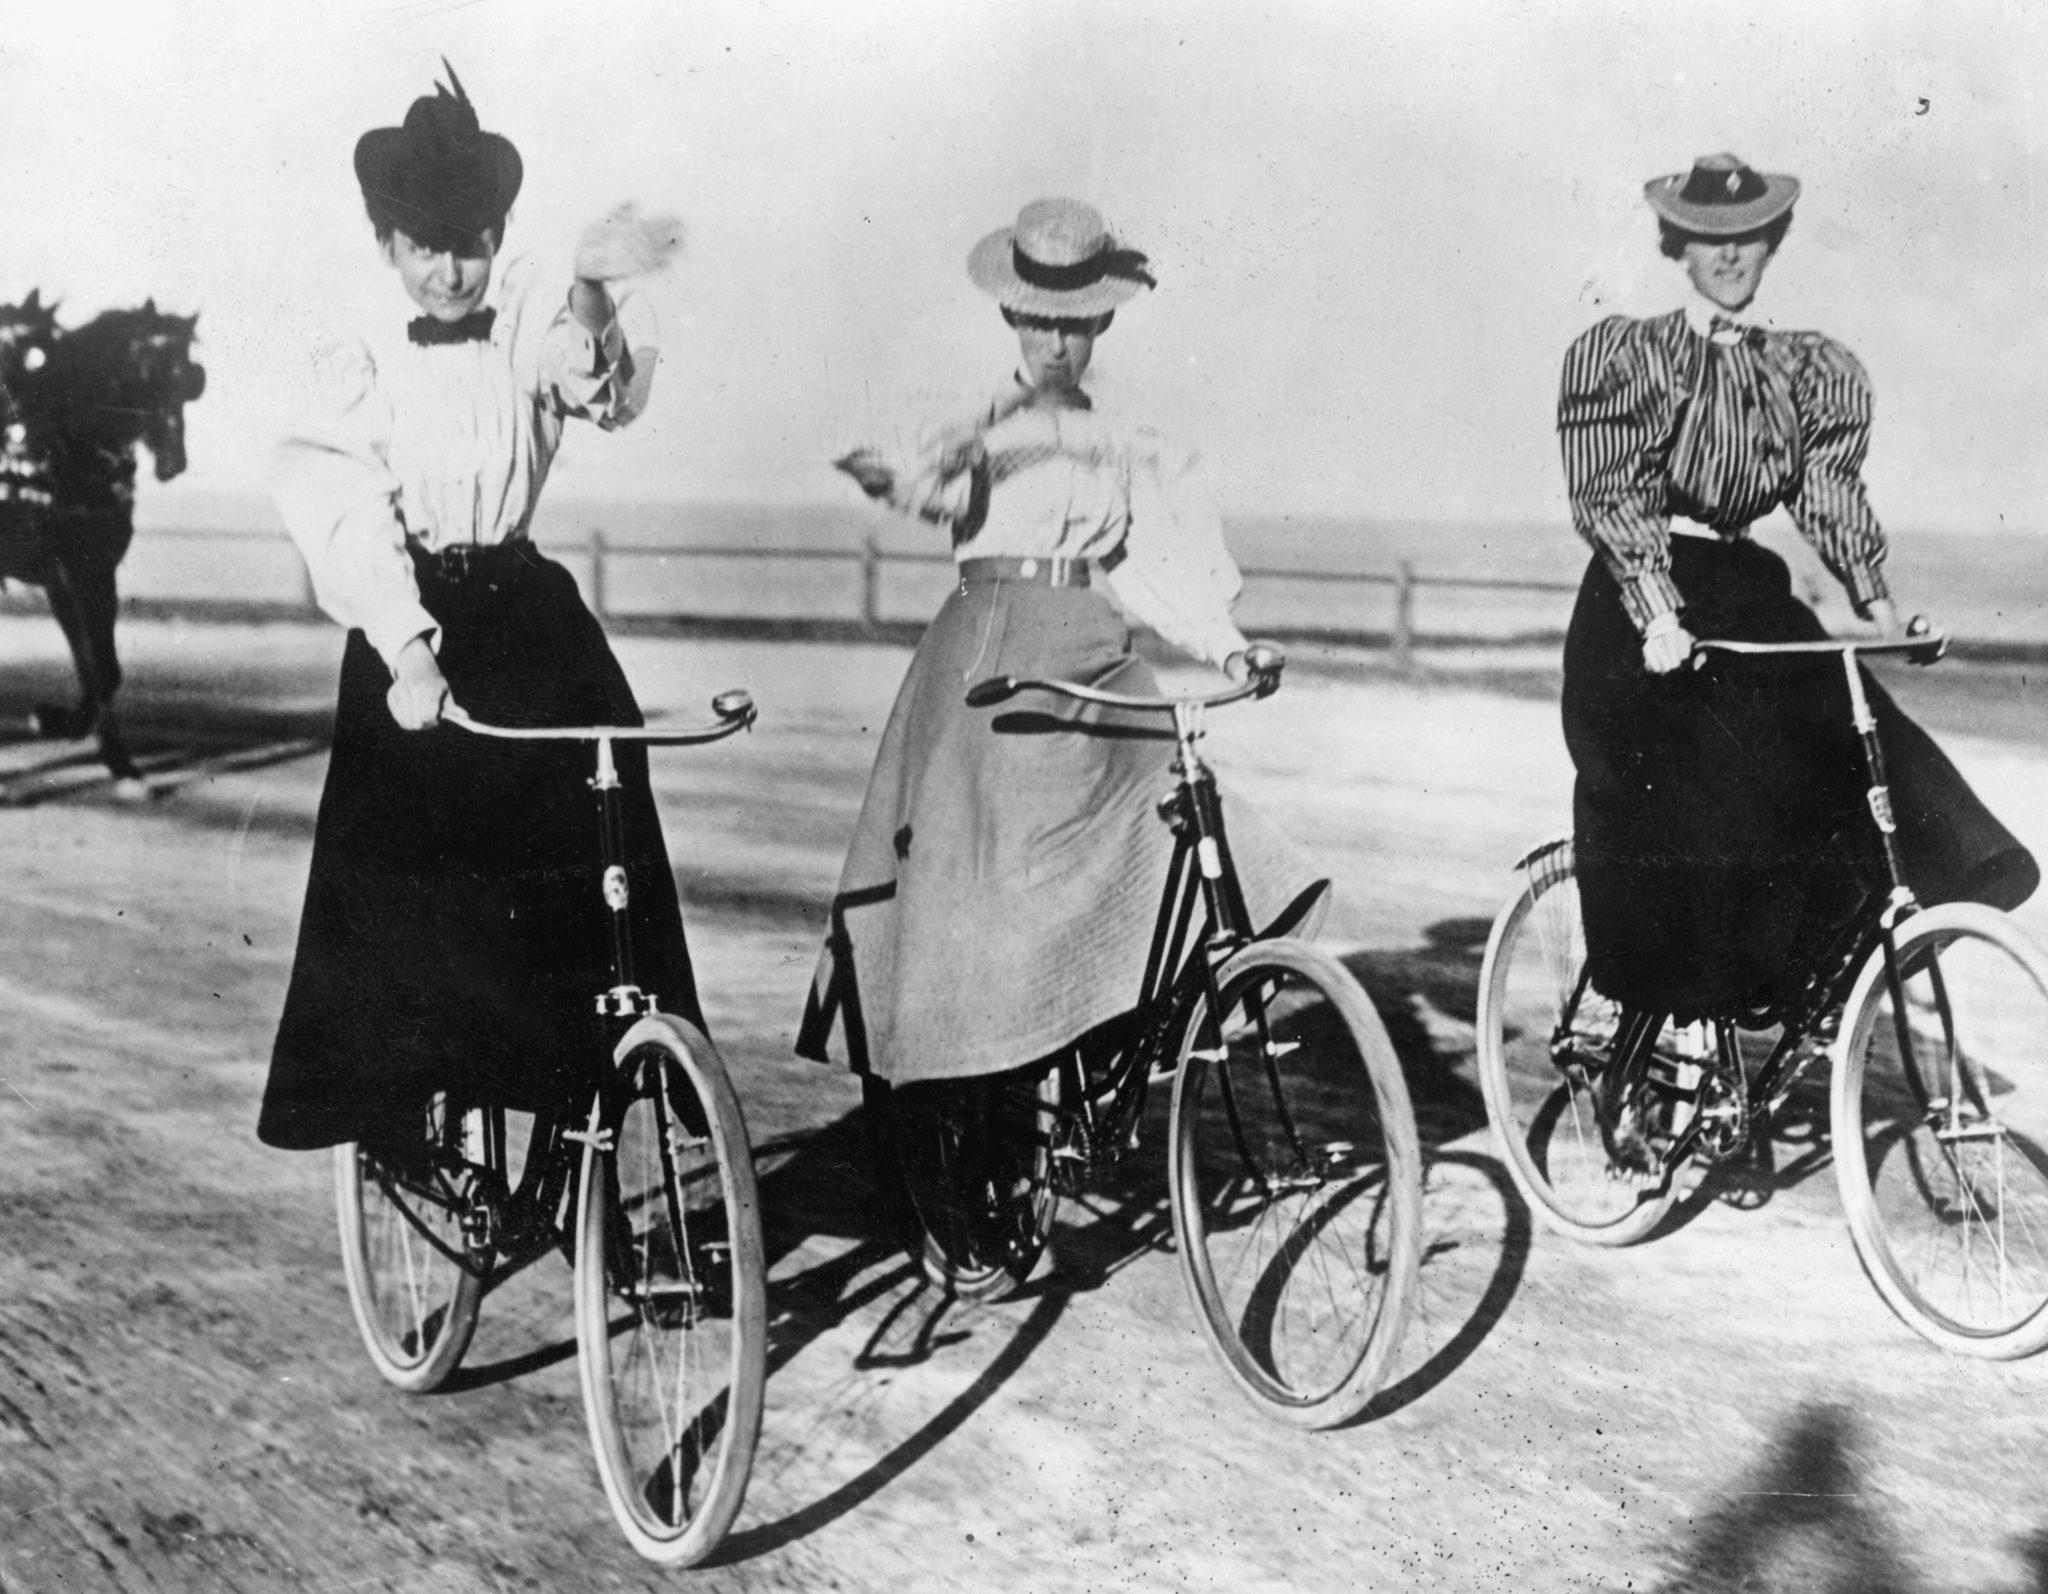 Freiheitsgefühle auf dem Fahrrad: Das Gefährt verschaffte den Frauen eine neue Unabhängigkeit. Im Bild drei Radfahrerinnen um 1905.